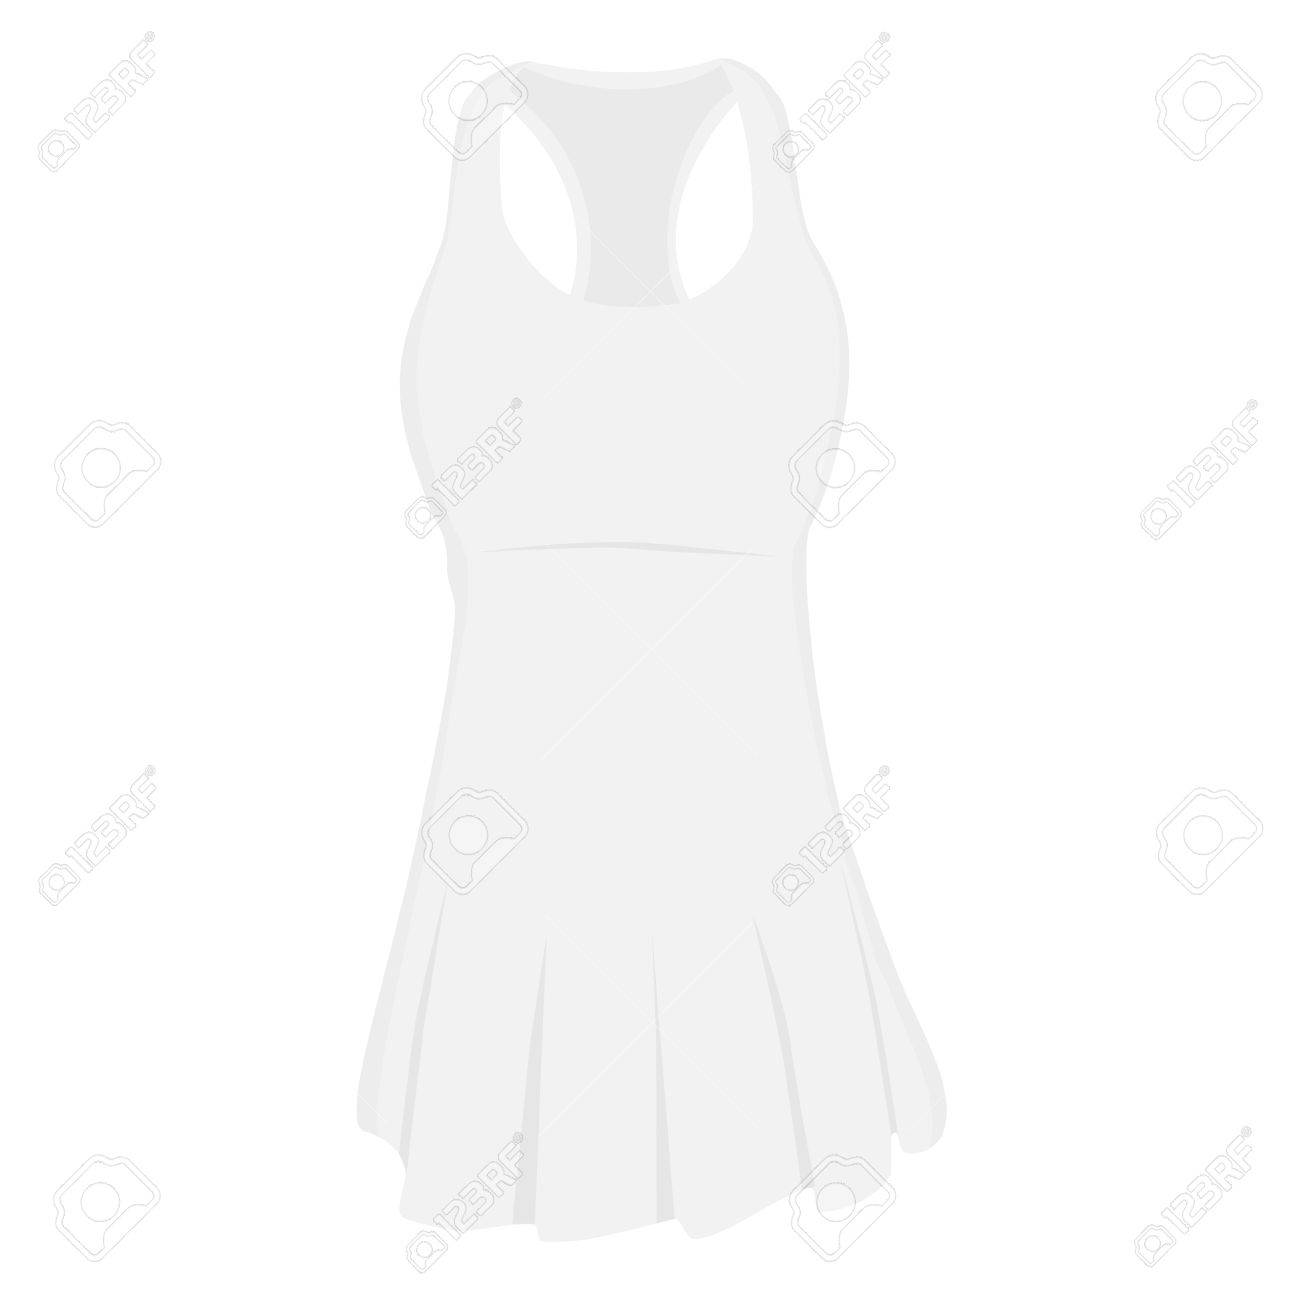 2baac8190 Foto de archivo - Vestido deportivo blanco para niña